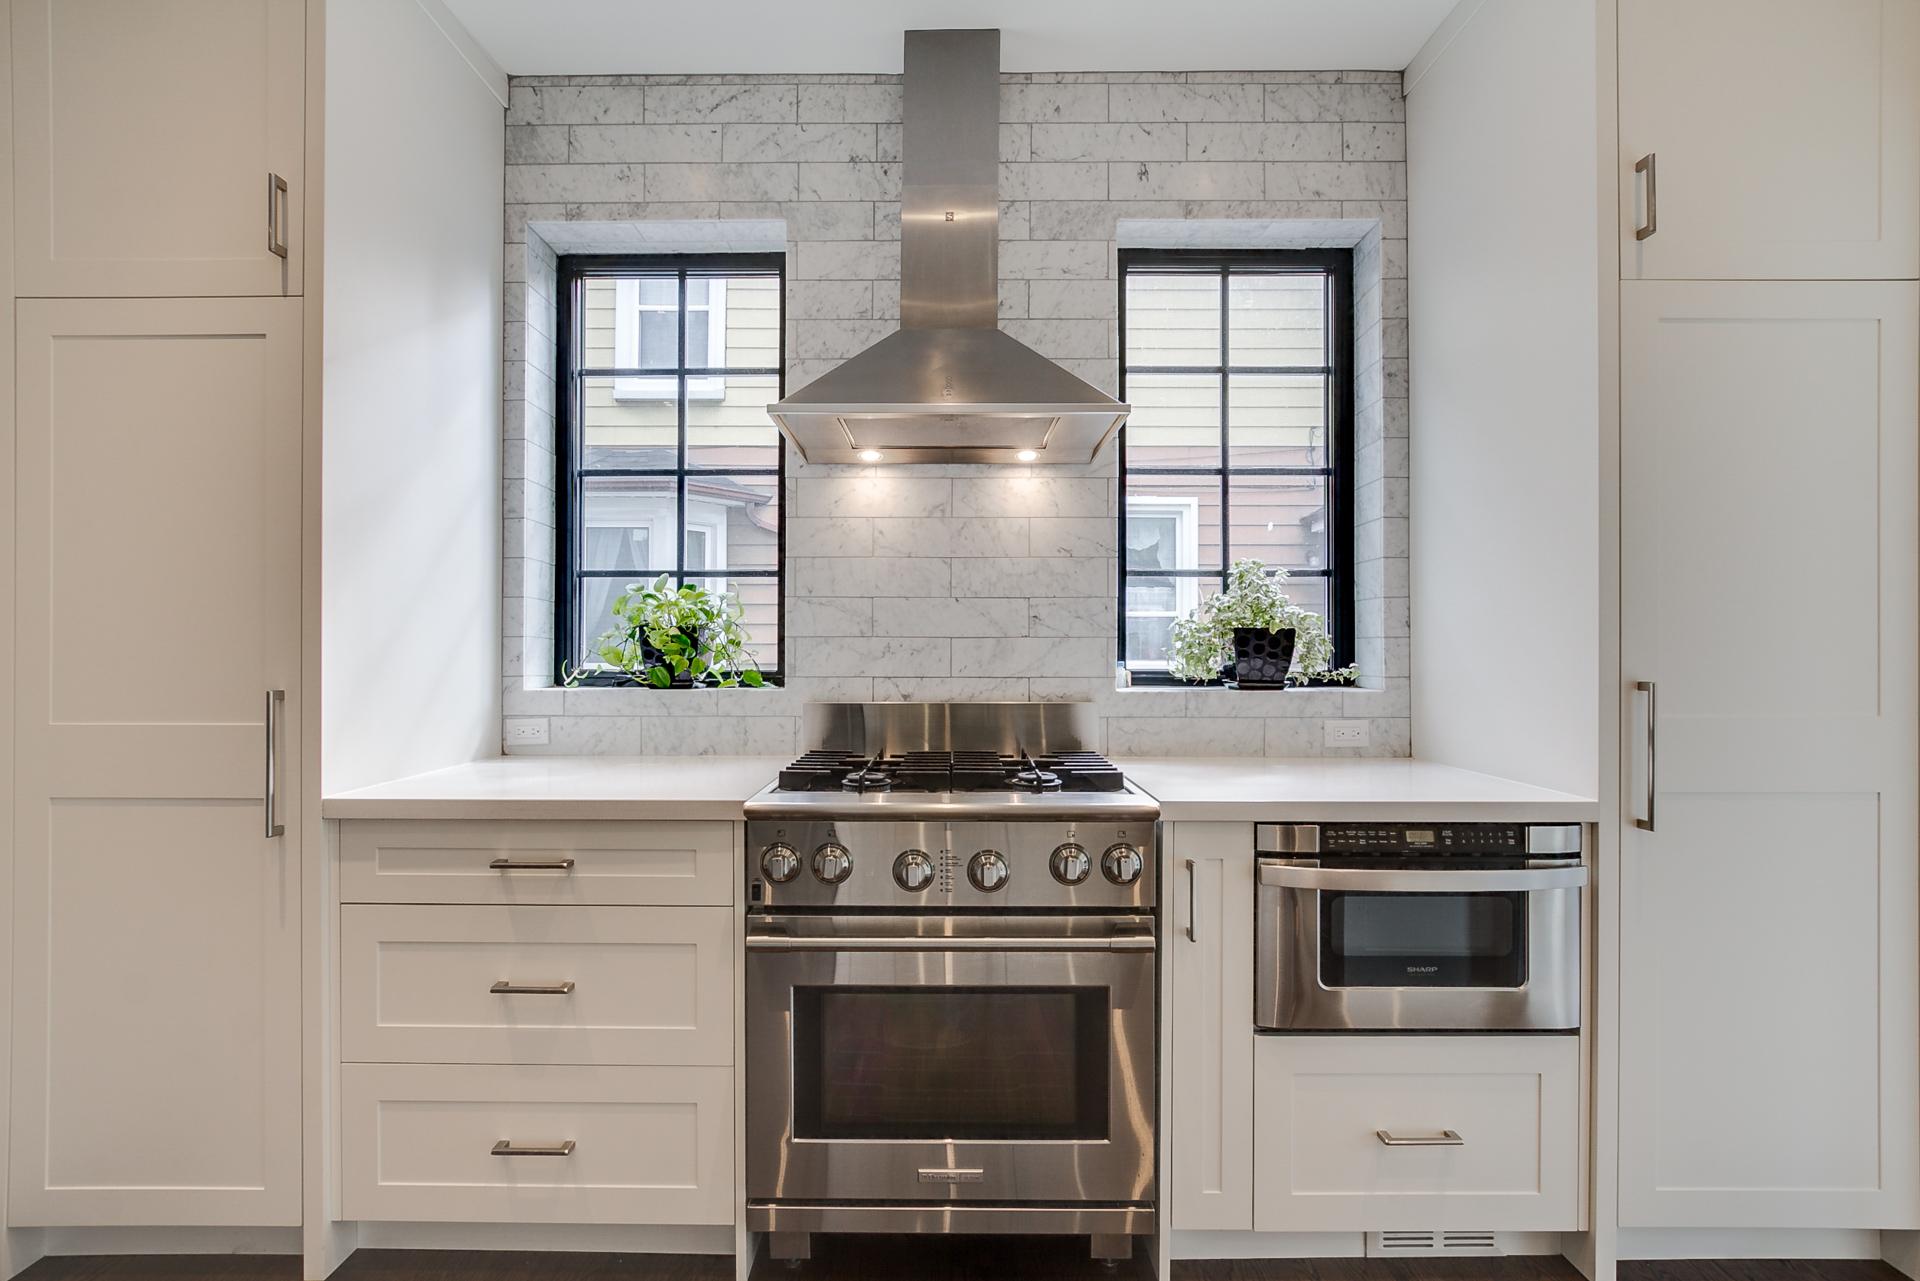 16_kitchen2.jpg